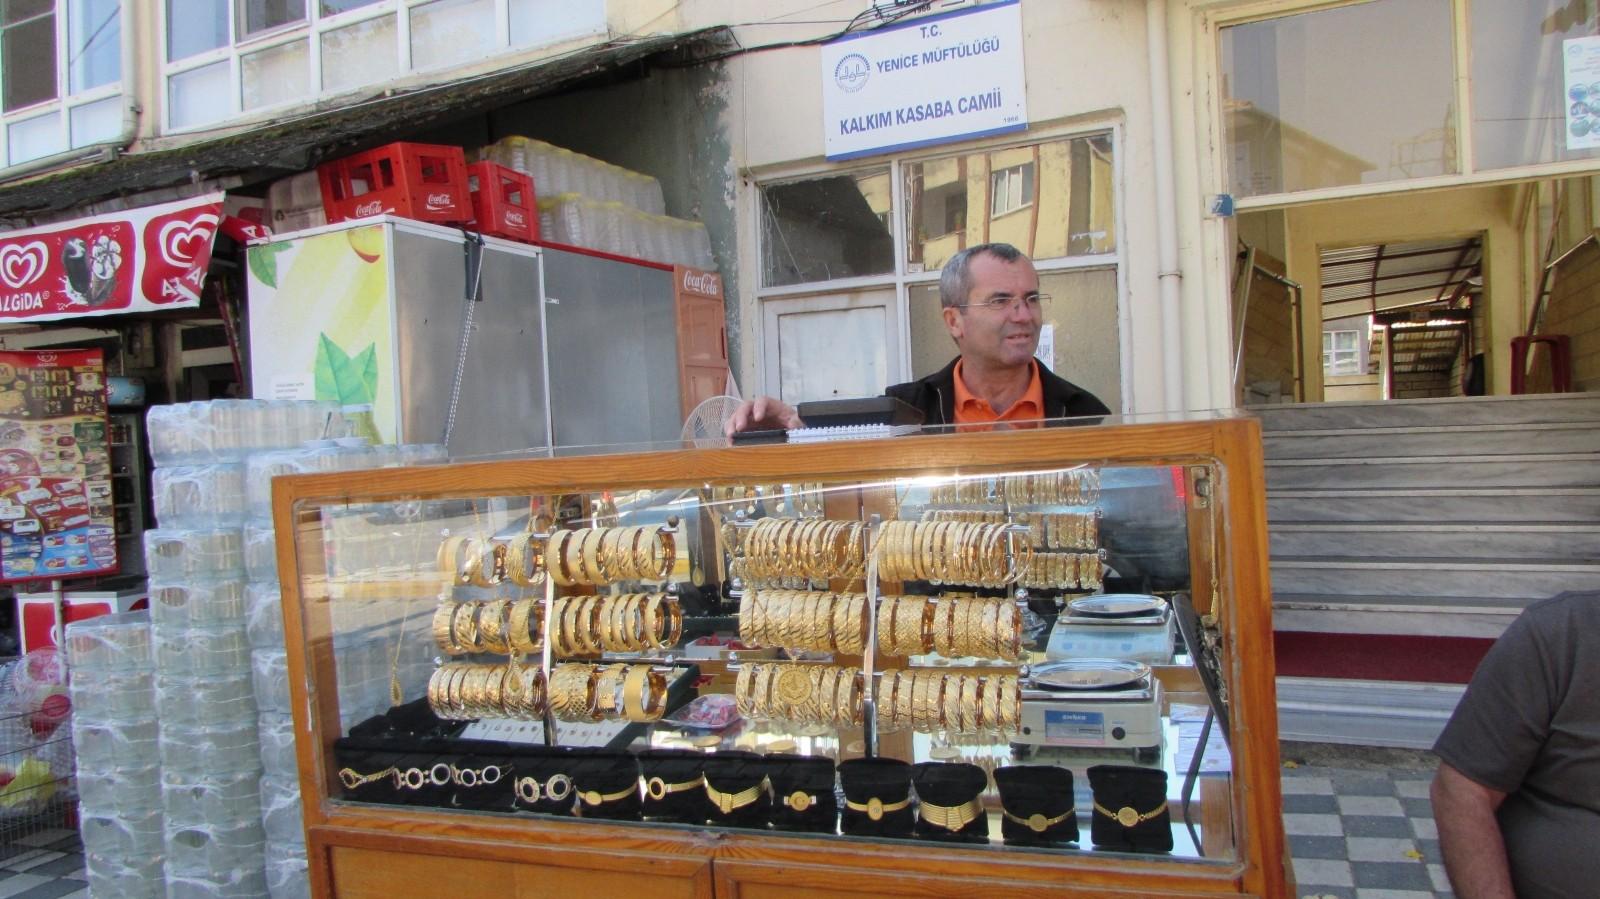 (Özel) Simit satar gibi altın bilezik satıyor…40 yıllık seyyar kuyumcu görenleri şaşırtıyor